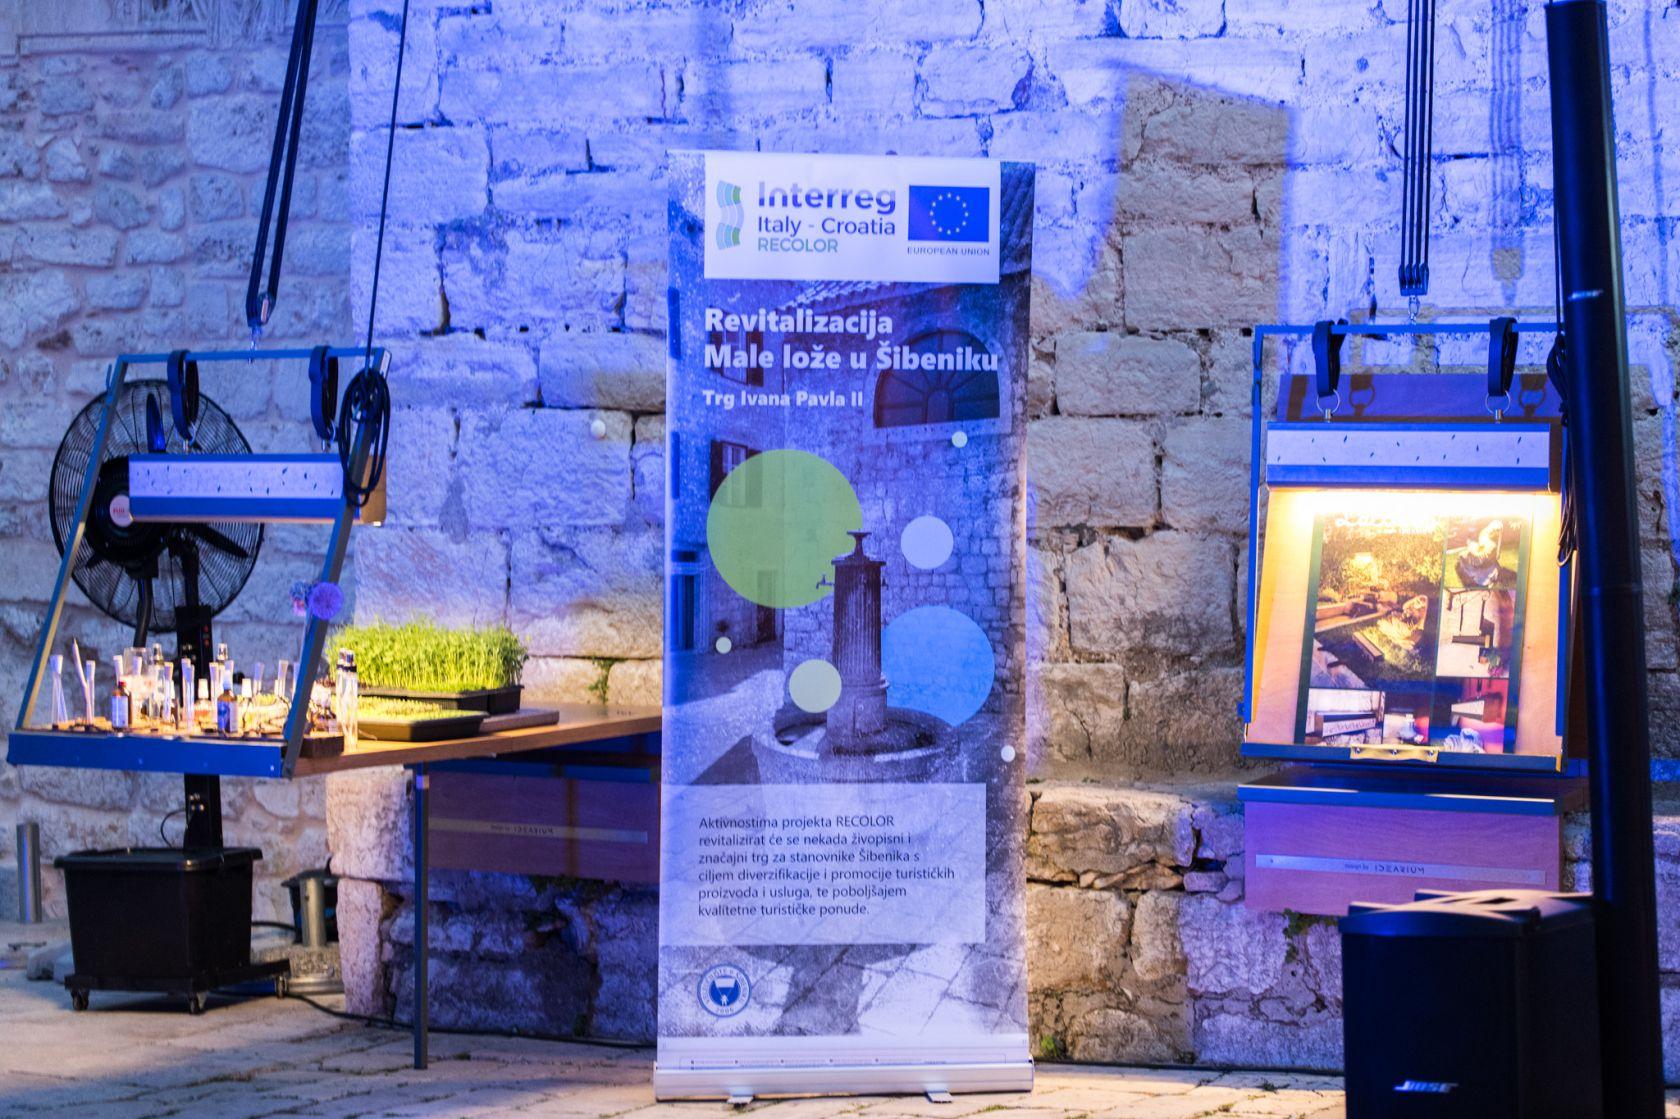 Veleučilište u Šibeniku na Maloj loži nastavlja projekt RECOLOR